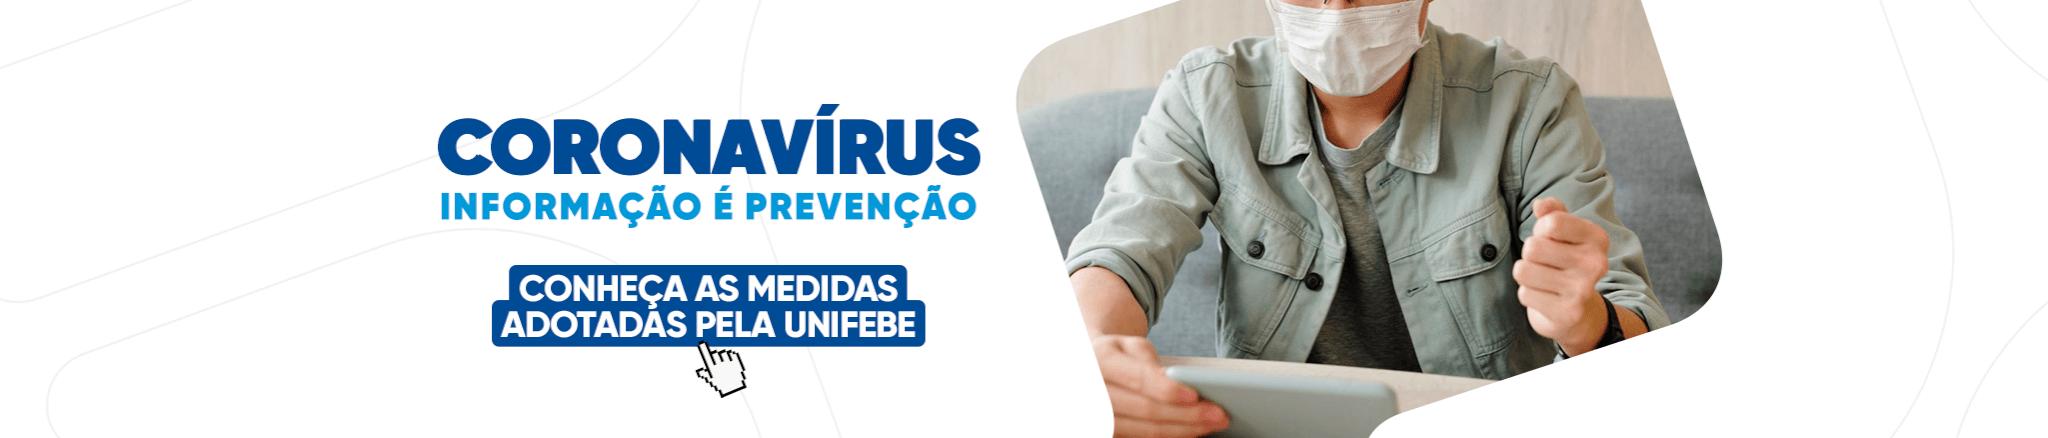 Coronavírus Informação é Prevenção DESKTOP